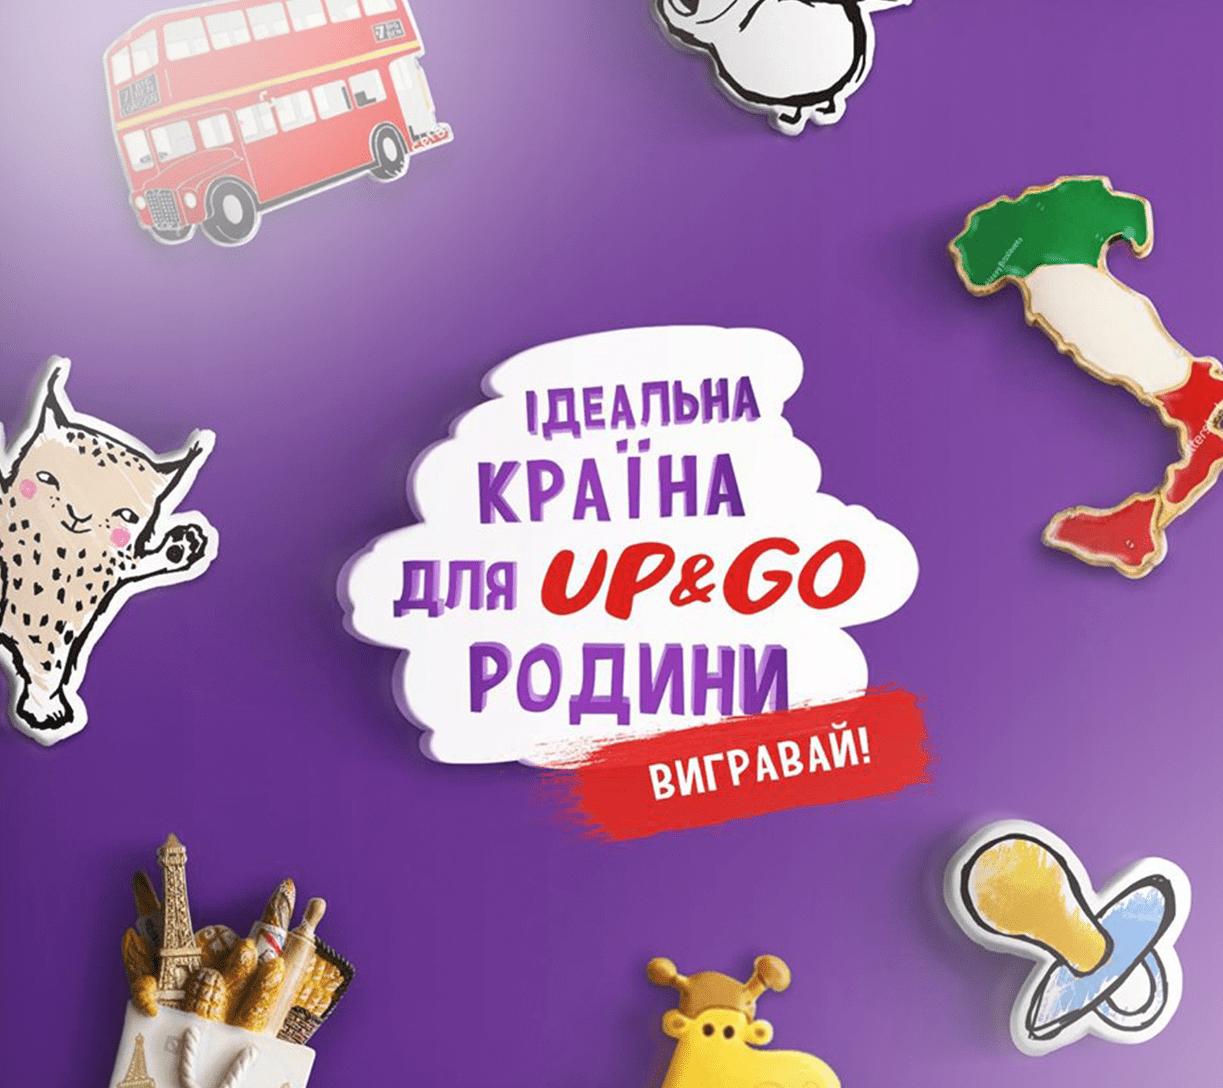 ВІДПУСТКА МРІЇ З LIBERO UP & GO